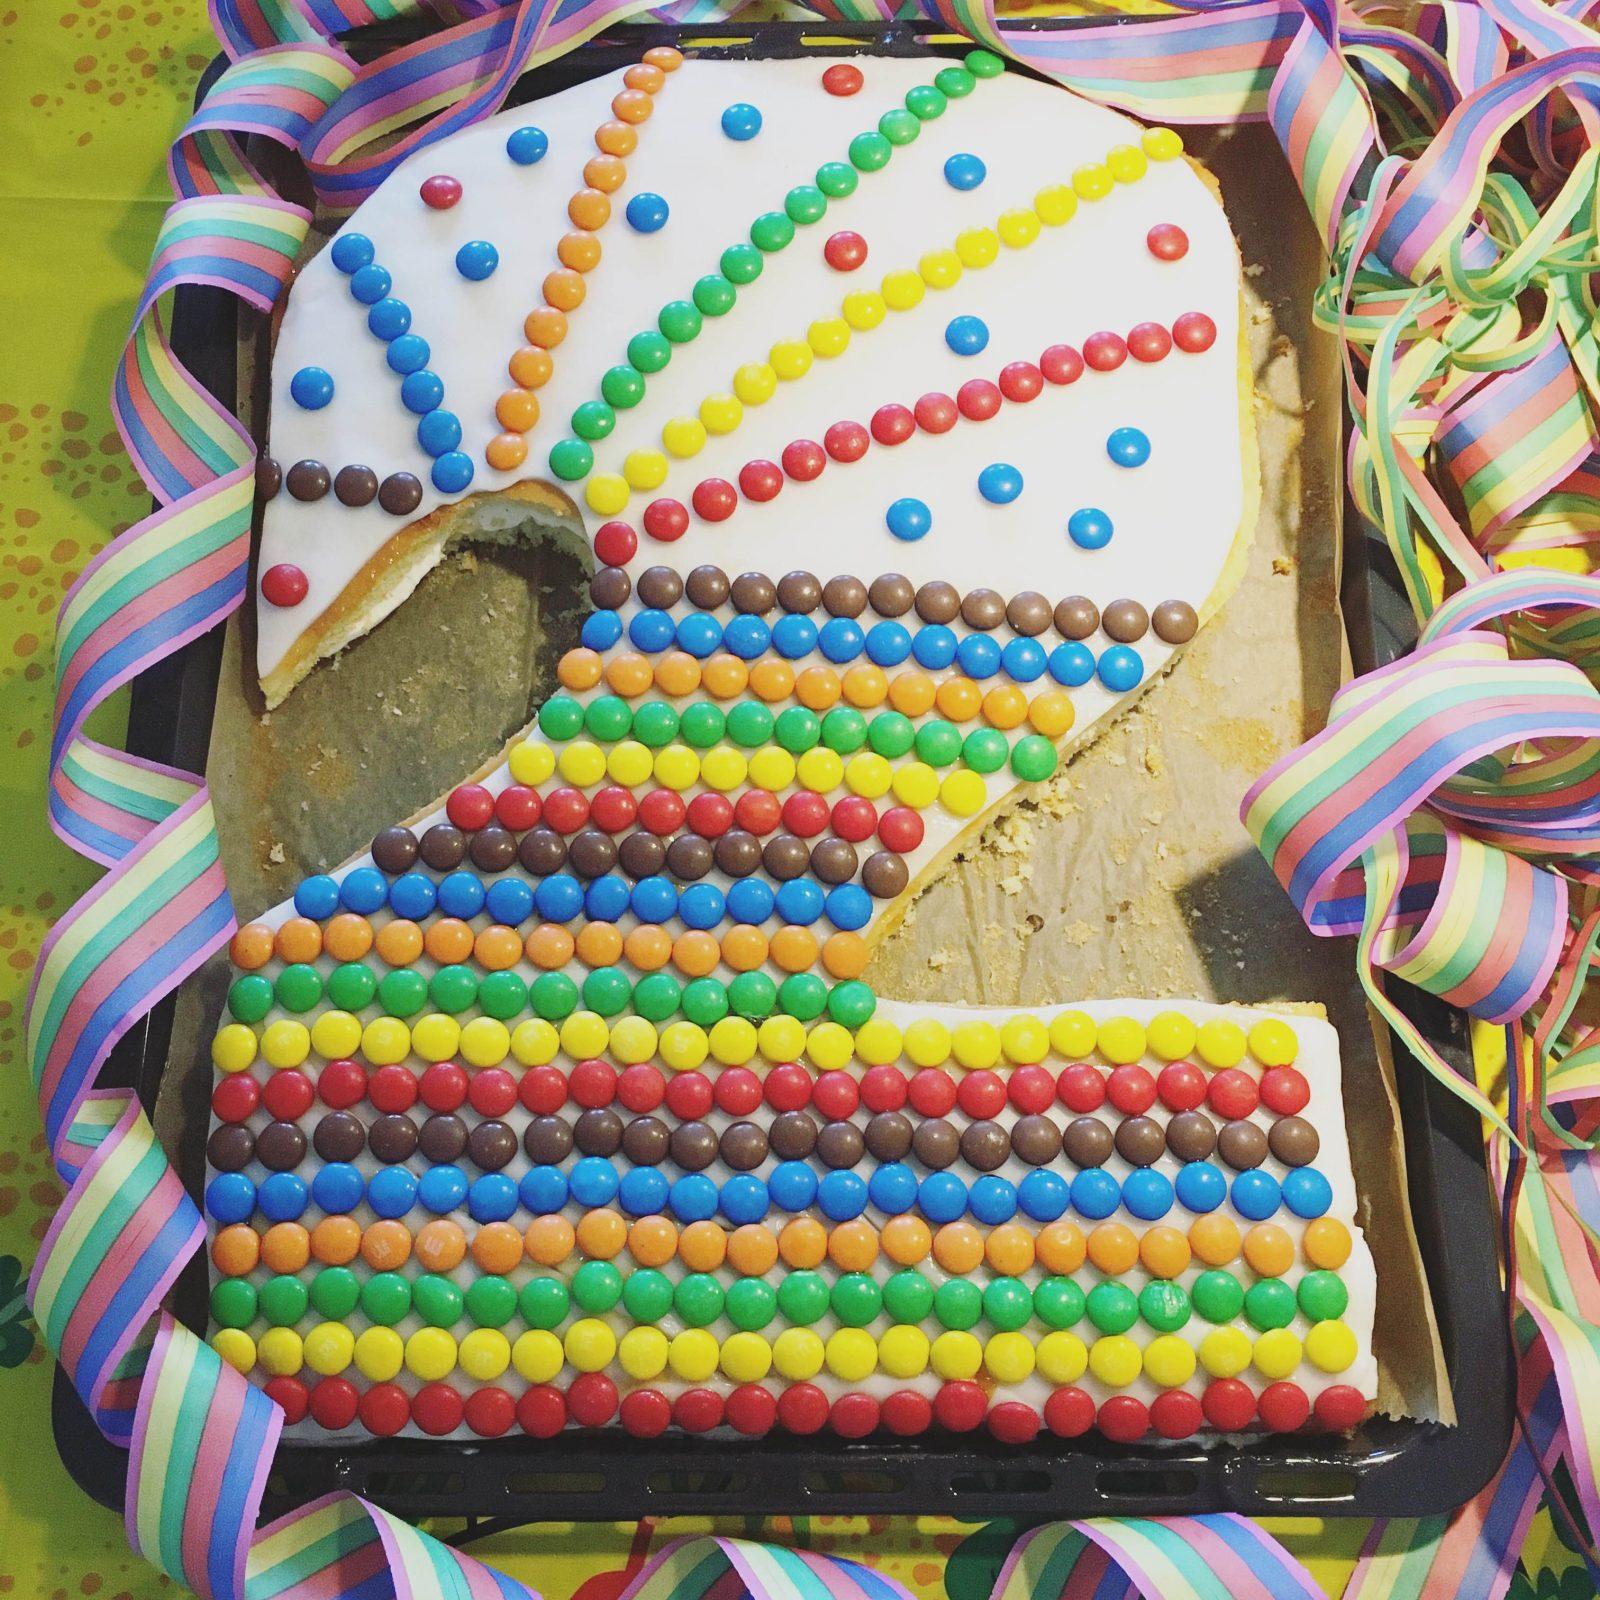 Kindergeburtstag planen mit Pinterest: Friedrichs Loewenparty Geburtstagskuchen